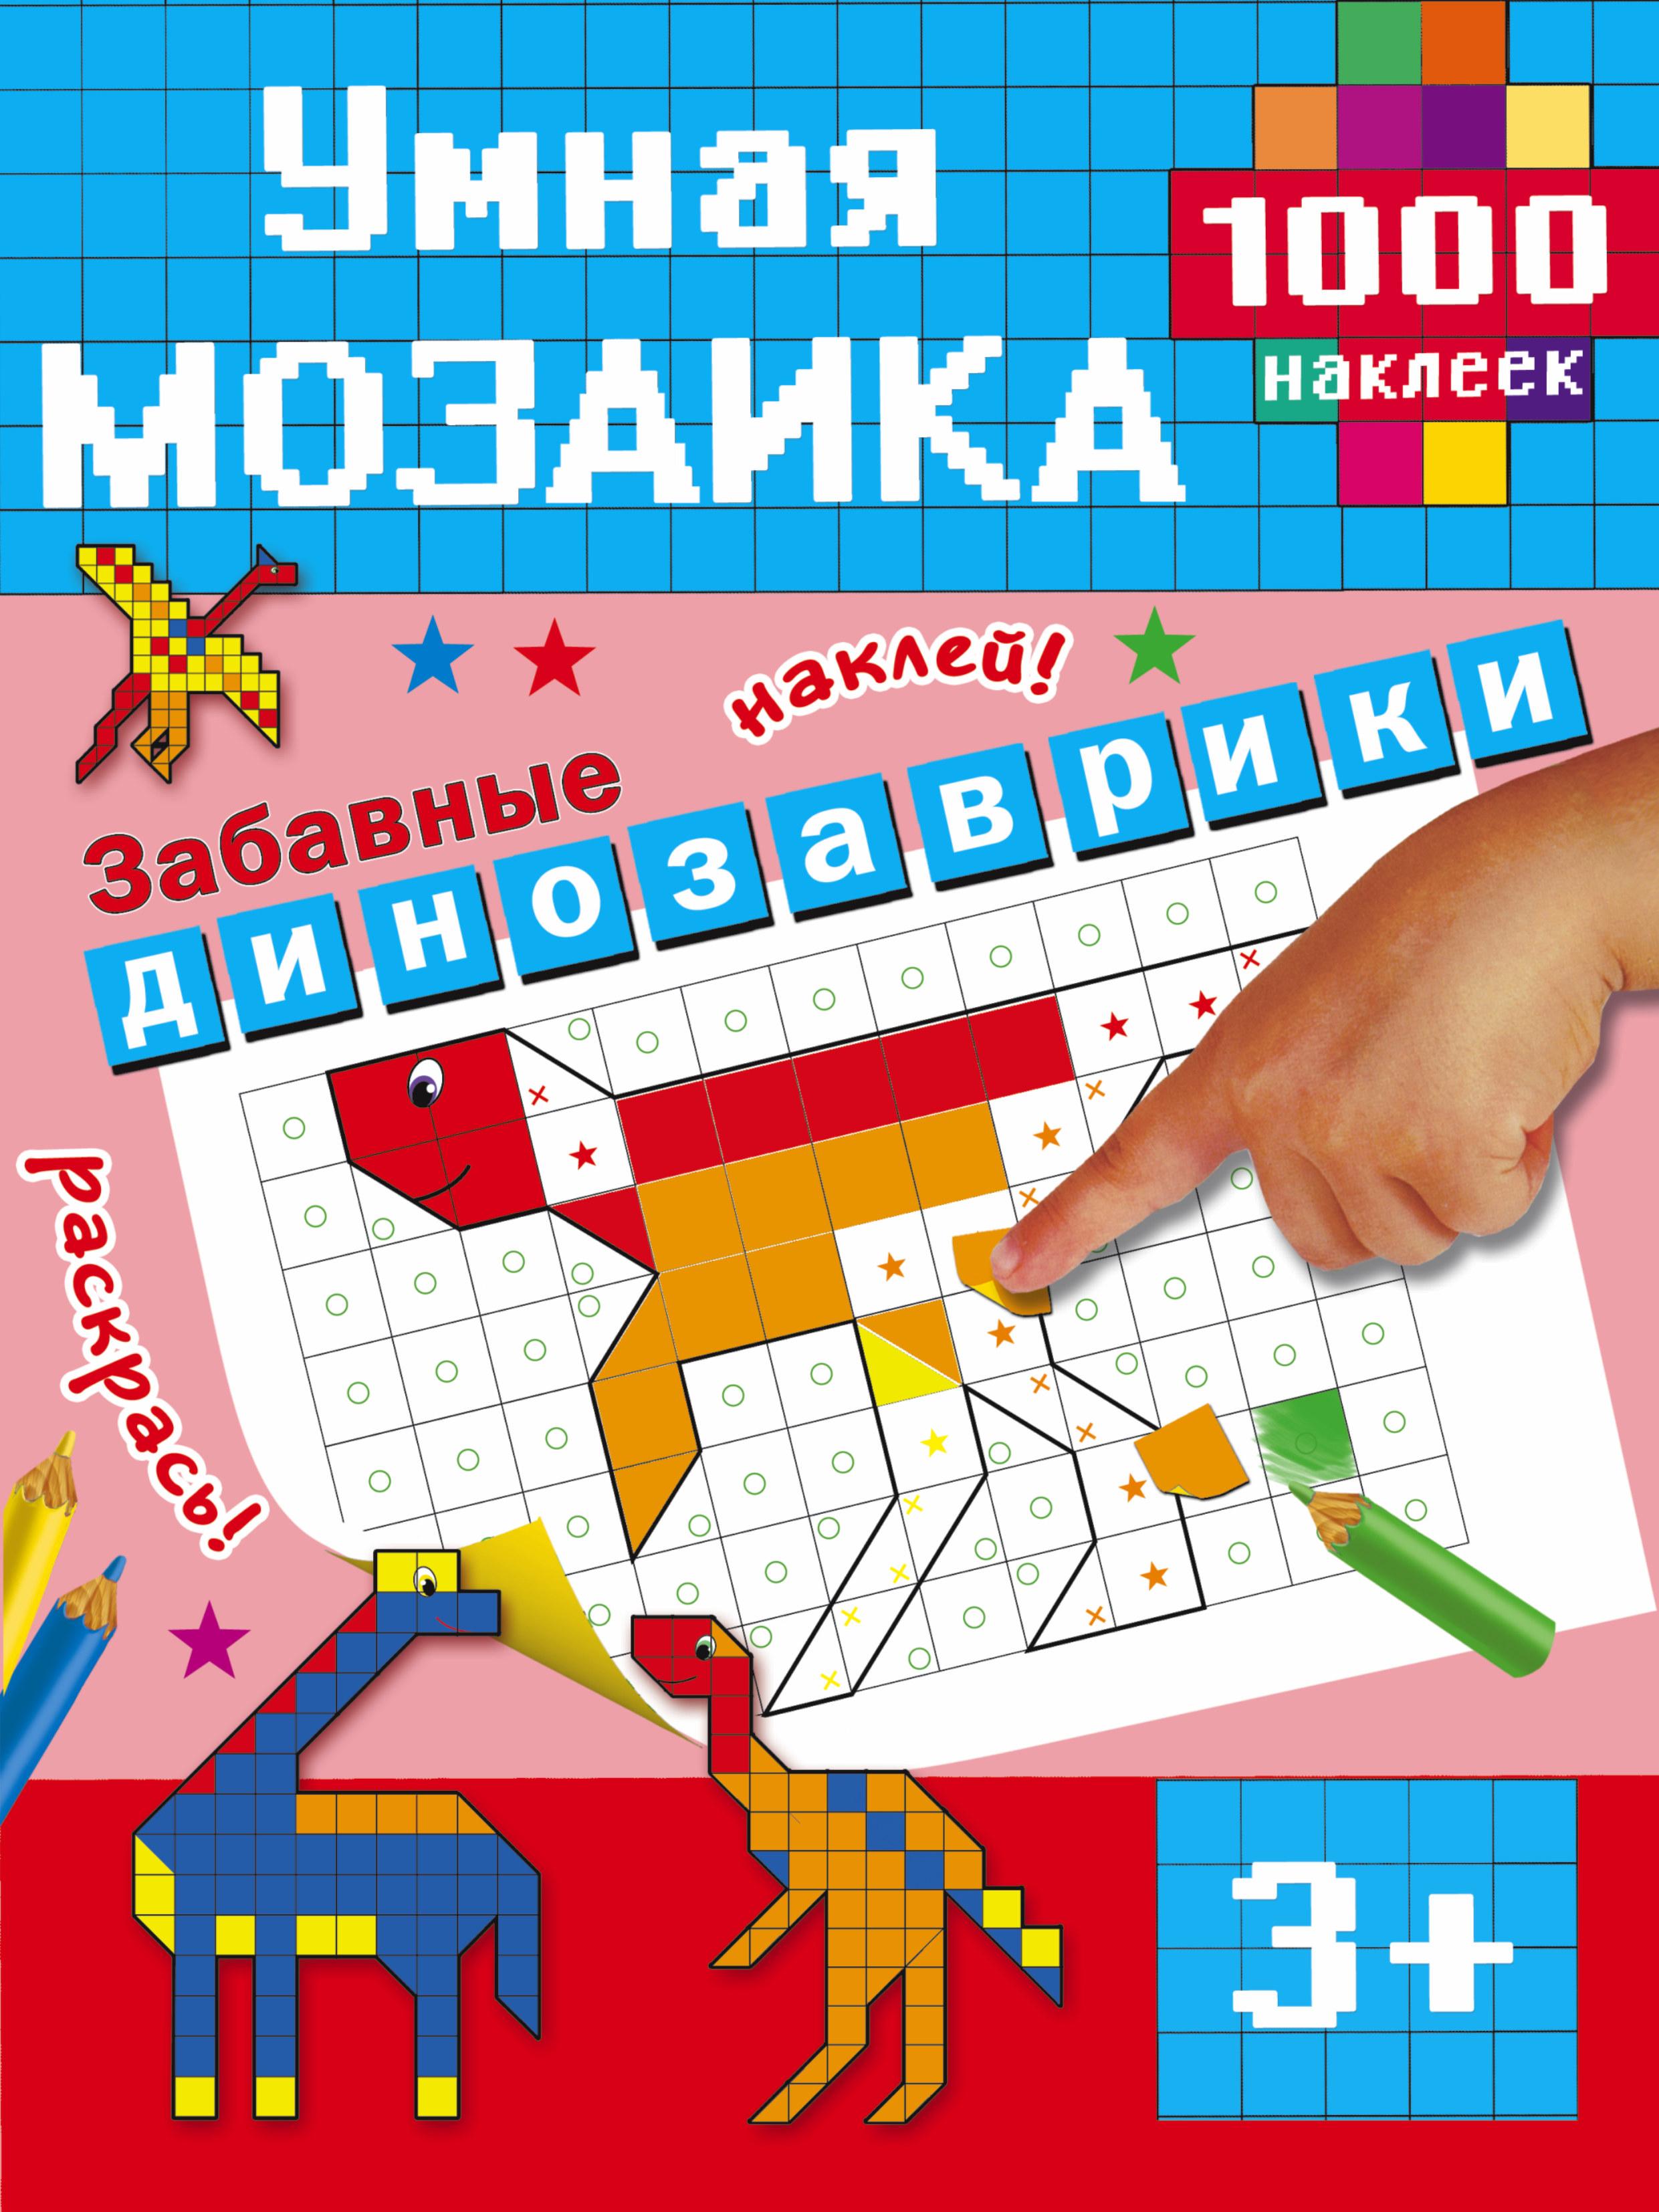 9785171015077 - Глотова М.Д.: Забавные динозаврики - Книга